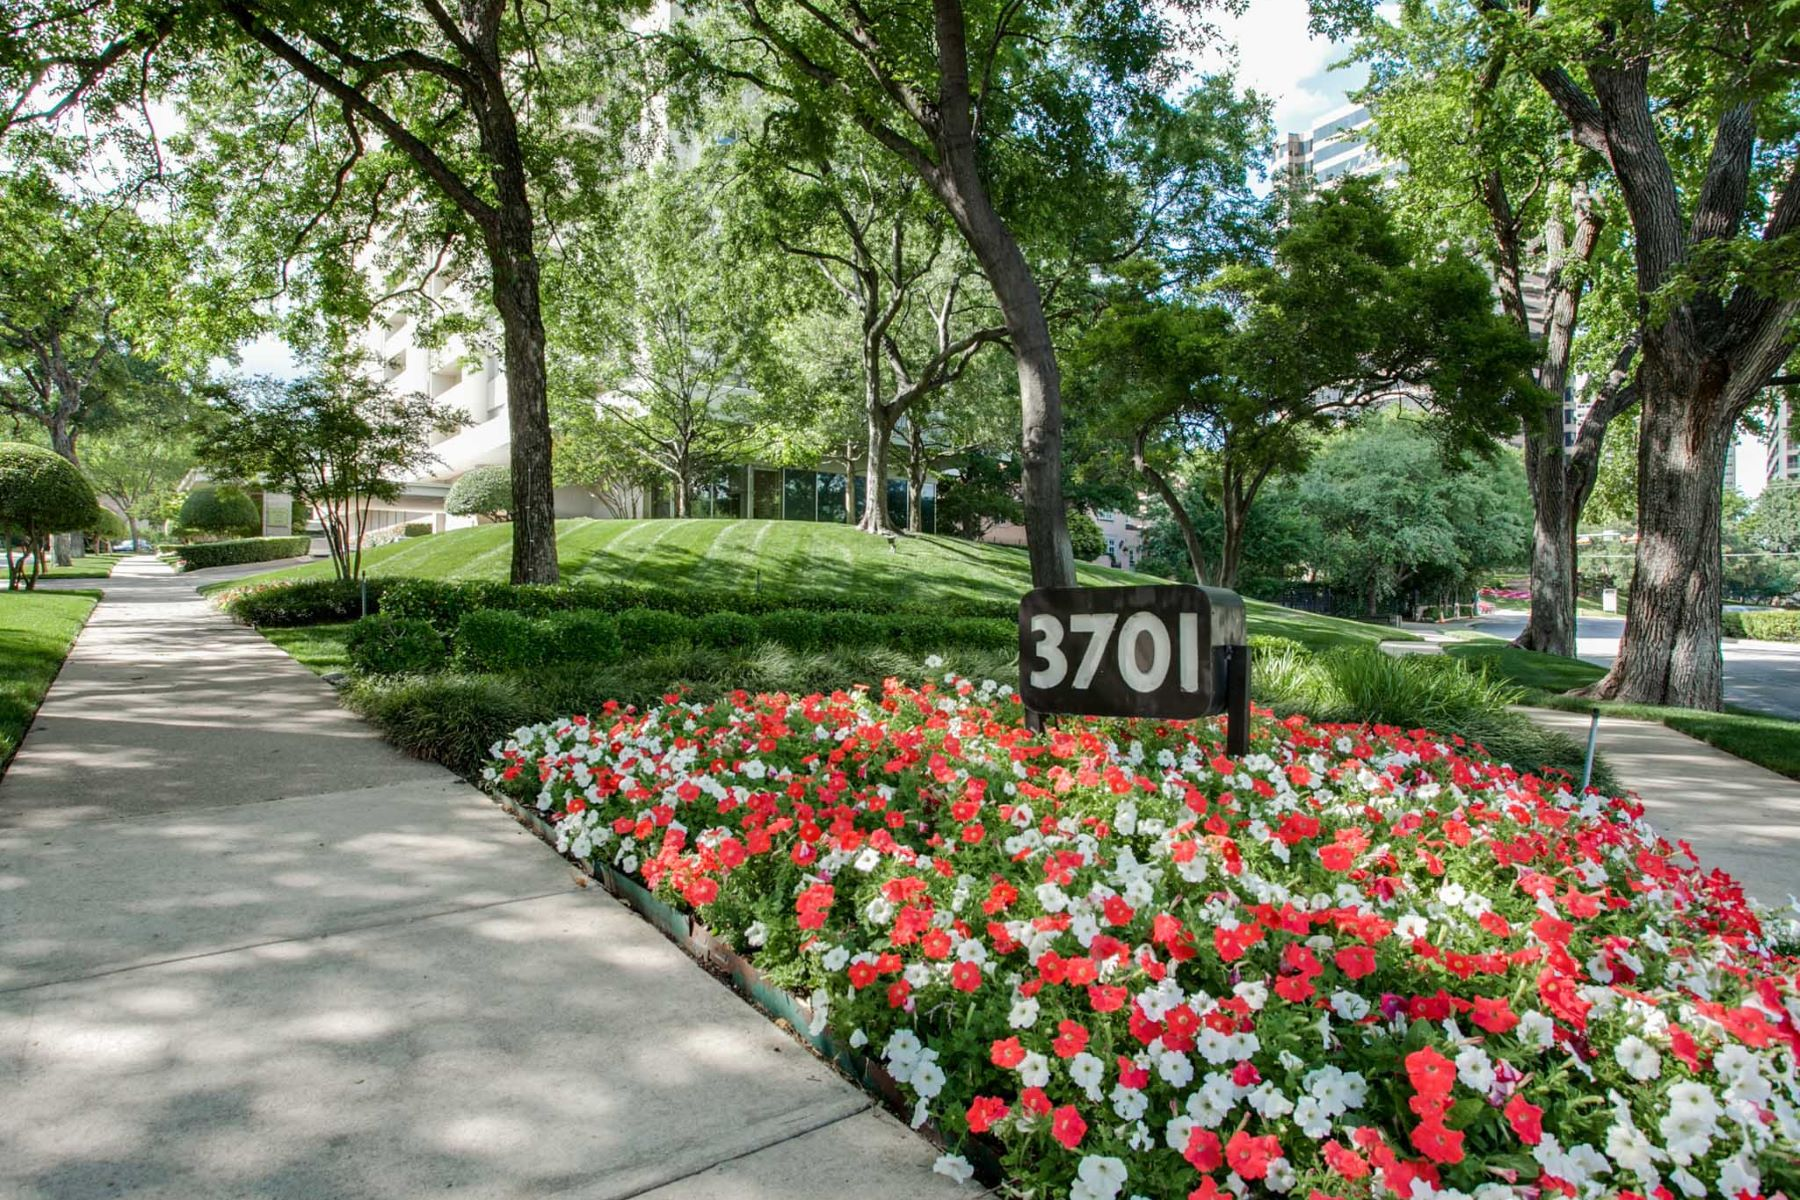 Частный односемейный дом для того Продажа на Fabulous 1 bedroom high-rise condo on Turtle Creek 3701 Turtle Creek Blvd 6D Dallas, Техас, 75219 Соединенные Штаты